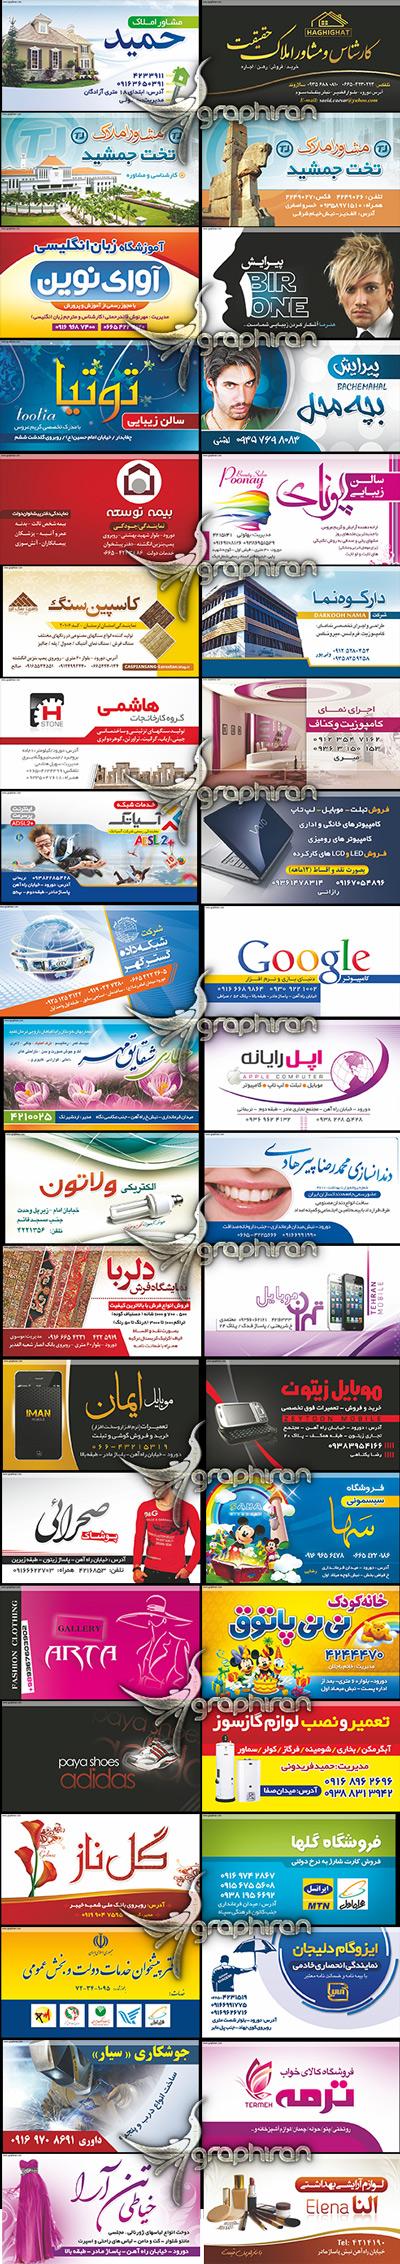 خرید کارت ویزیت های مشاغل ایرانی